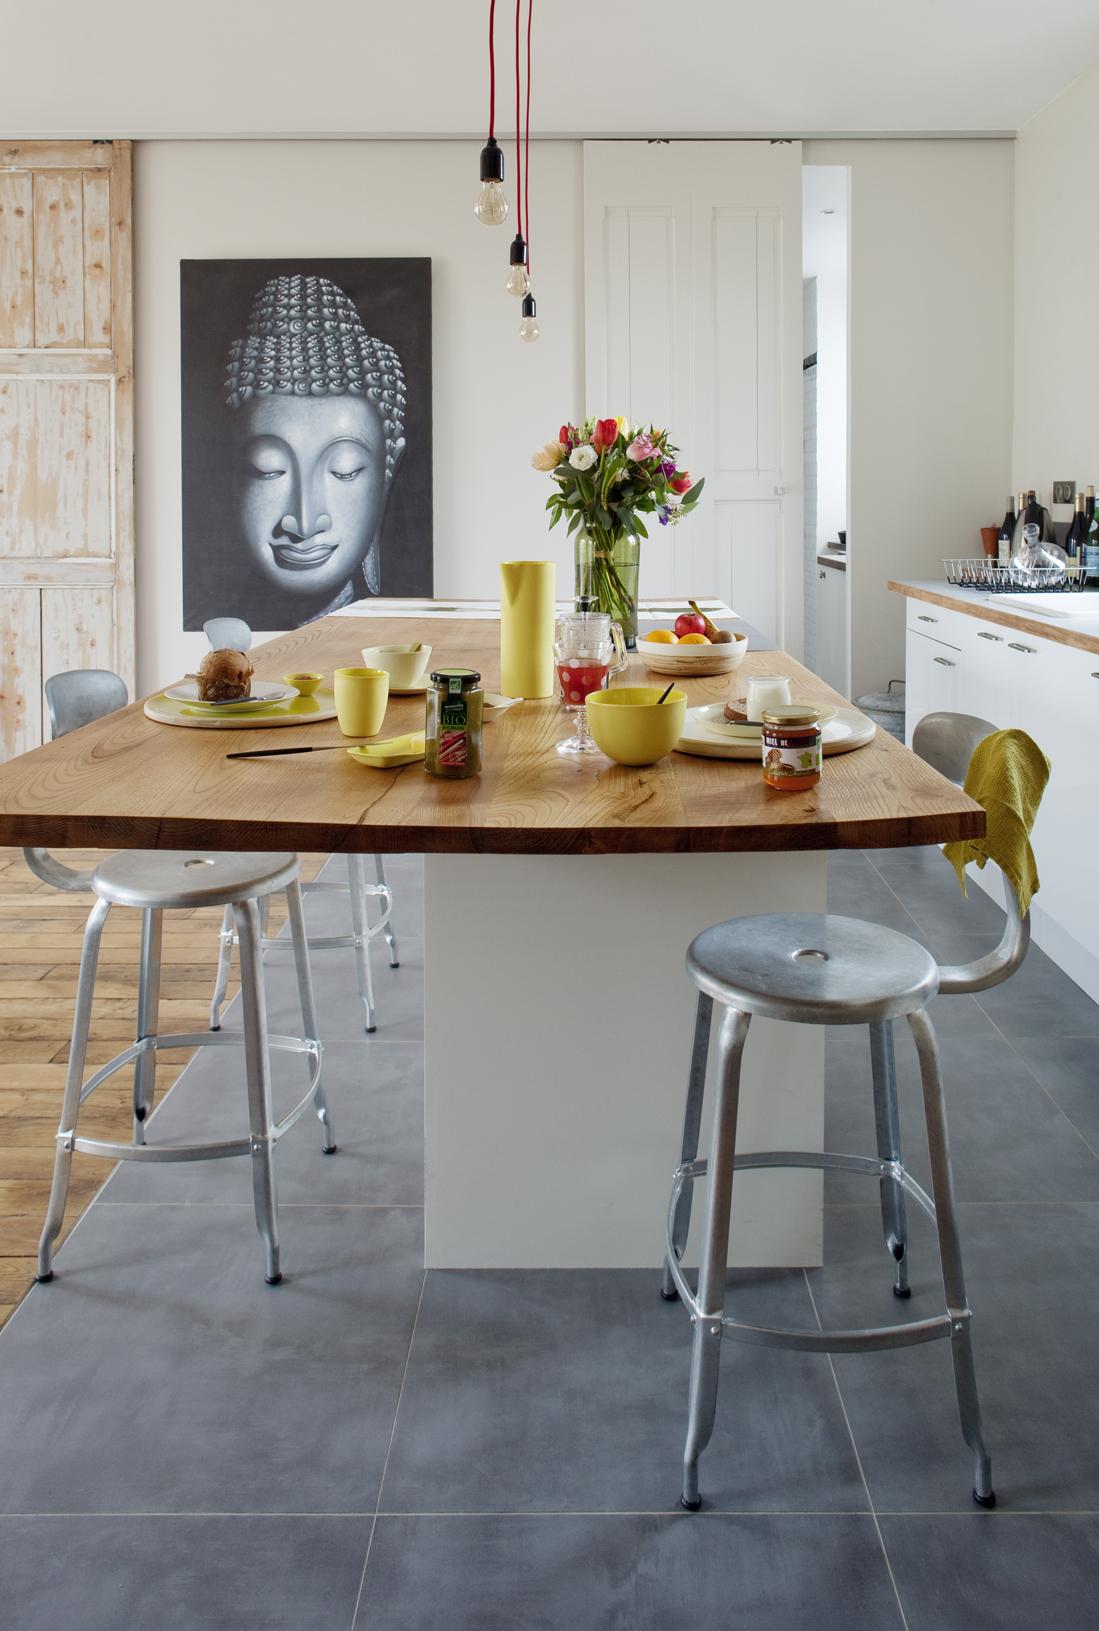 stylisme journal de la maison marion alberge d coratrice. Black Bedroom Furniture Sets. Home Design Ideas